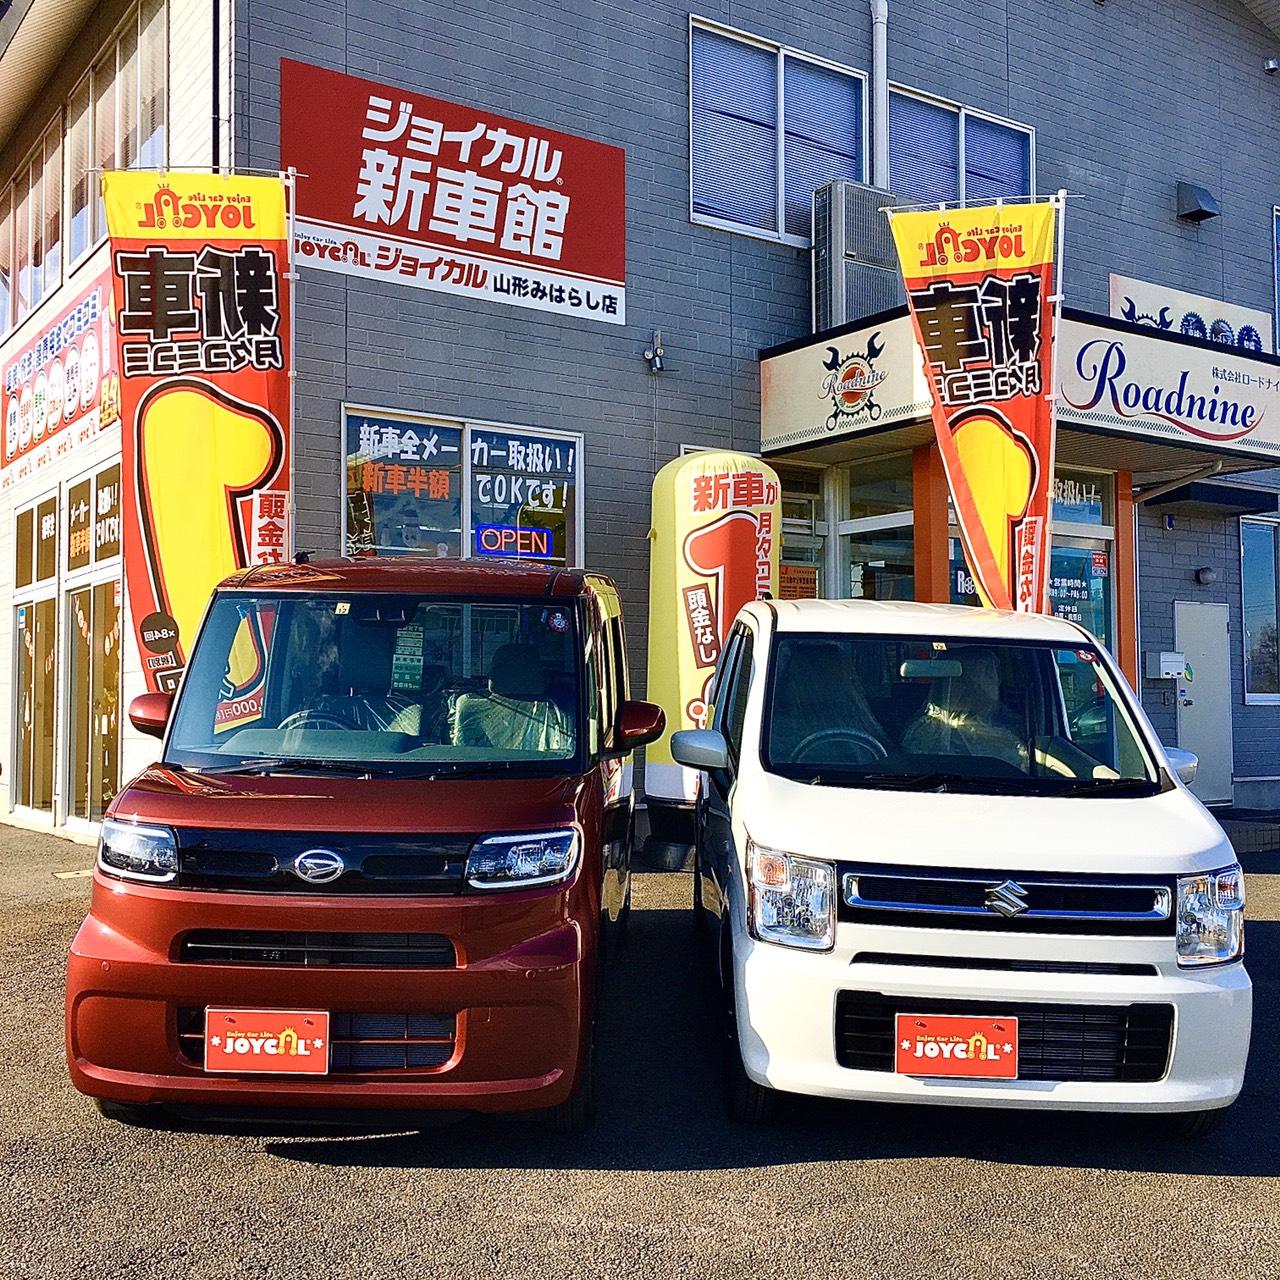 山形県 山形市 軽自動車 新車販売 ダイハツ スズキの画像